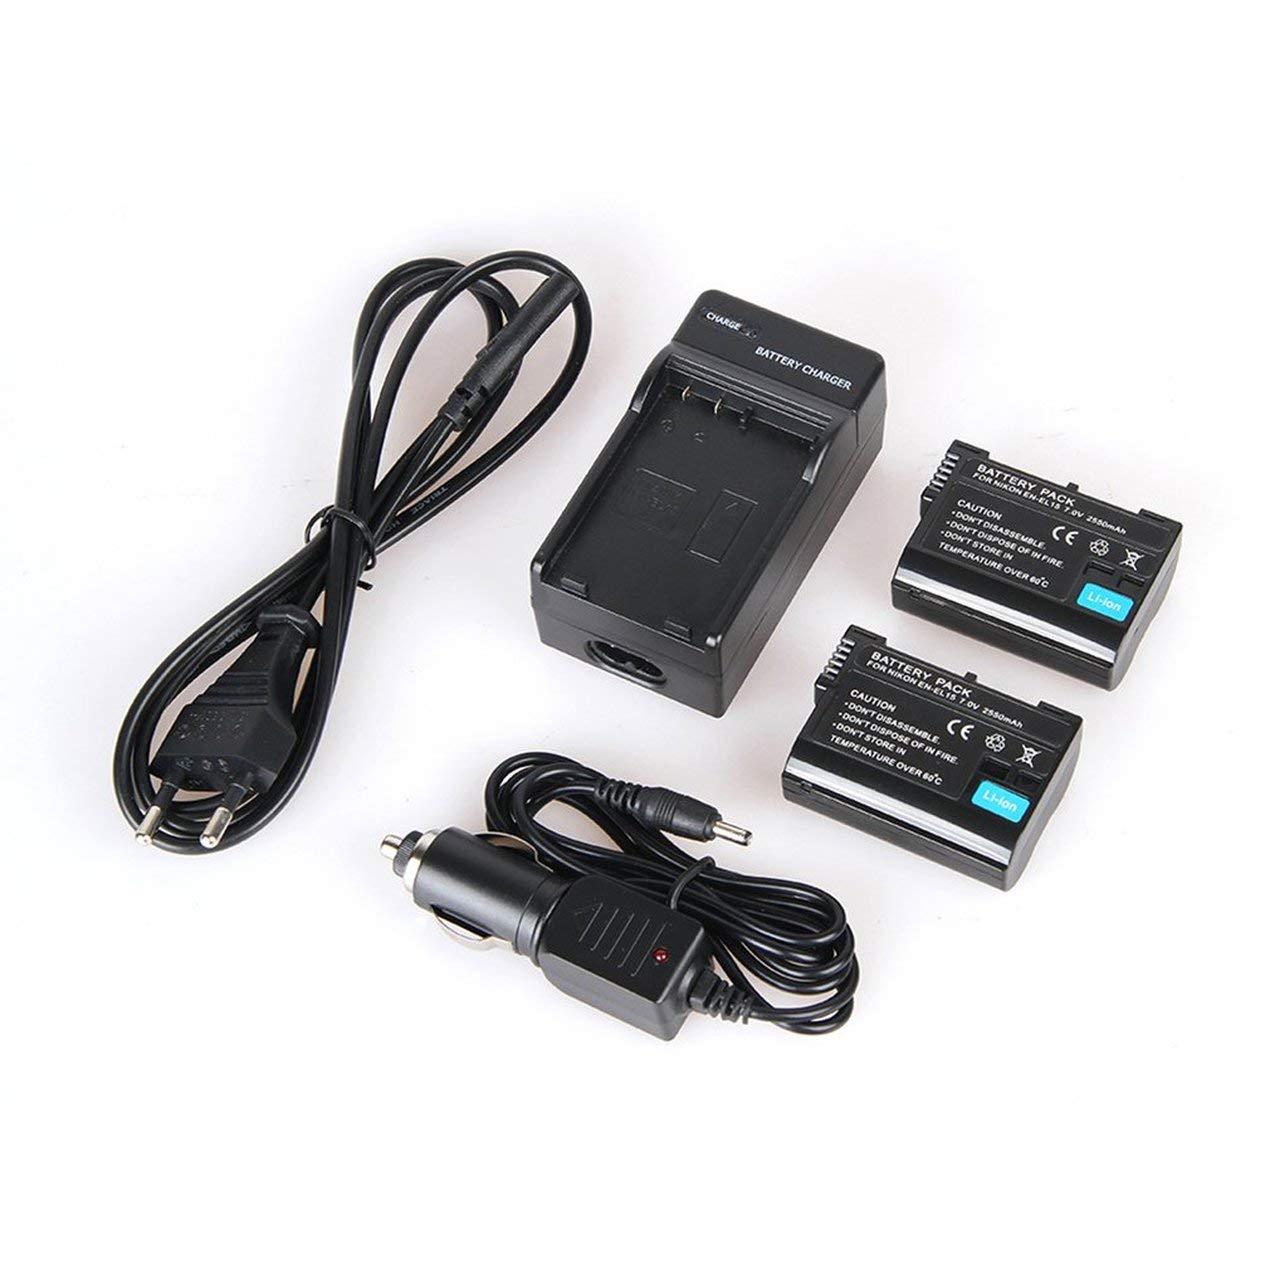 Baterías 2pcs 2550mAh EN-EL15 EL15 Batería + Cargador para Nikon ...